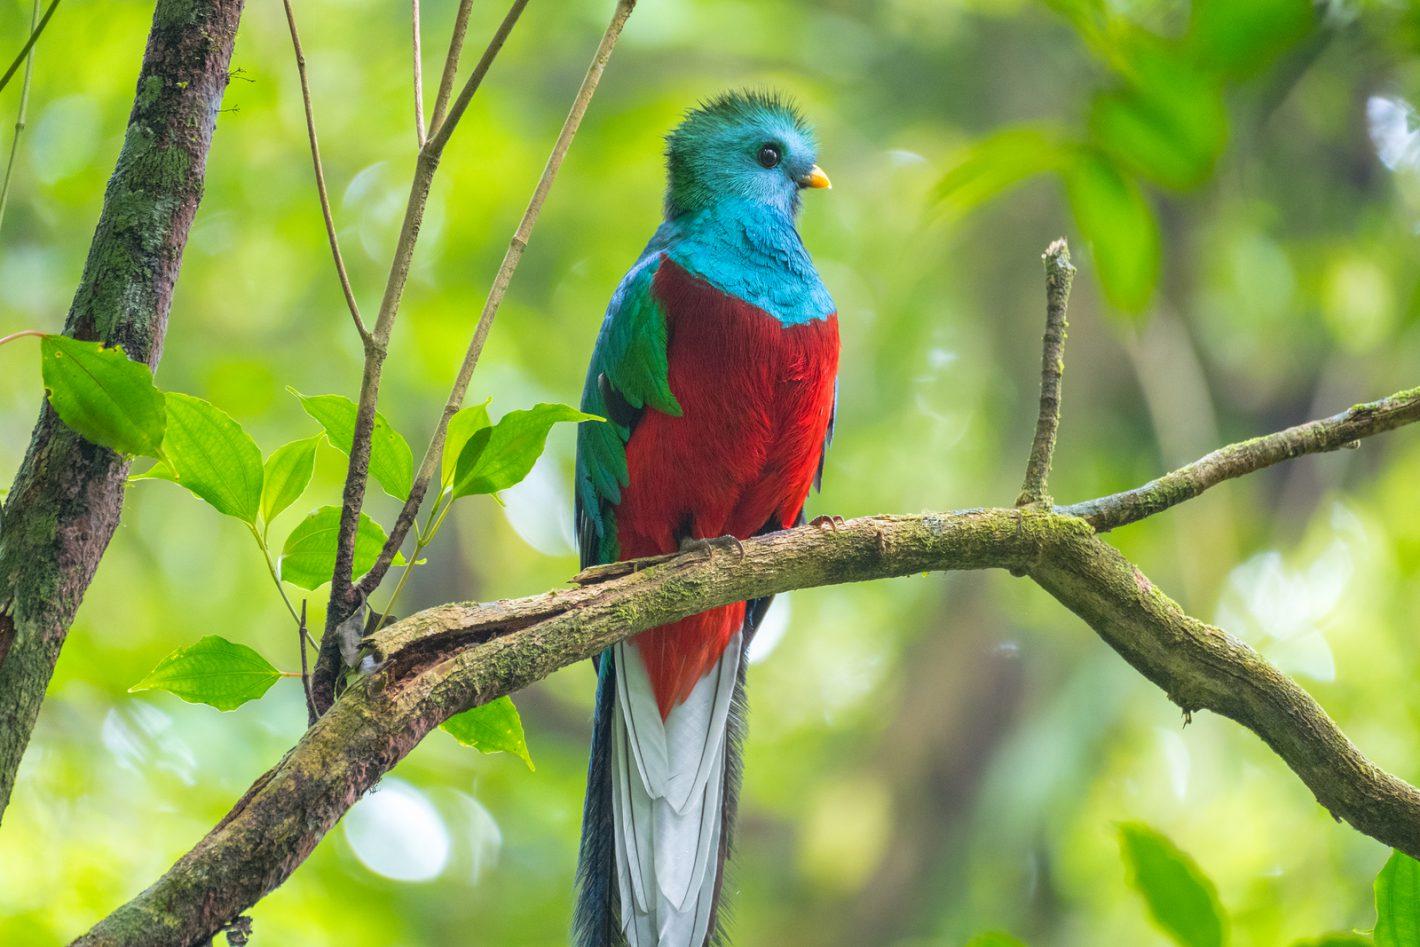 Птица Великолепный Кетцаль в Монтеверде, Коста-Рика